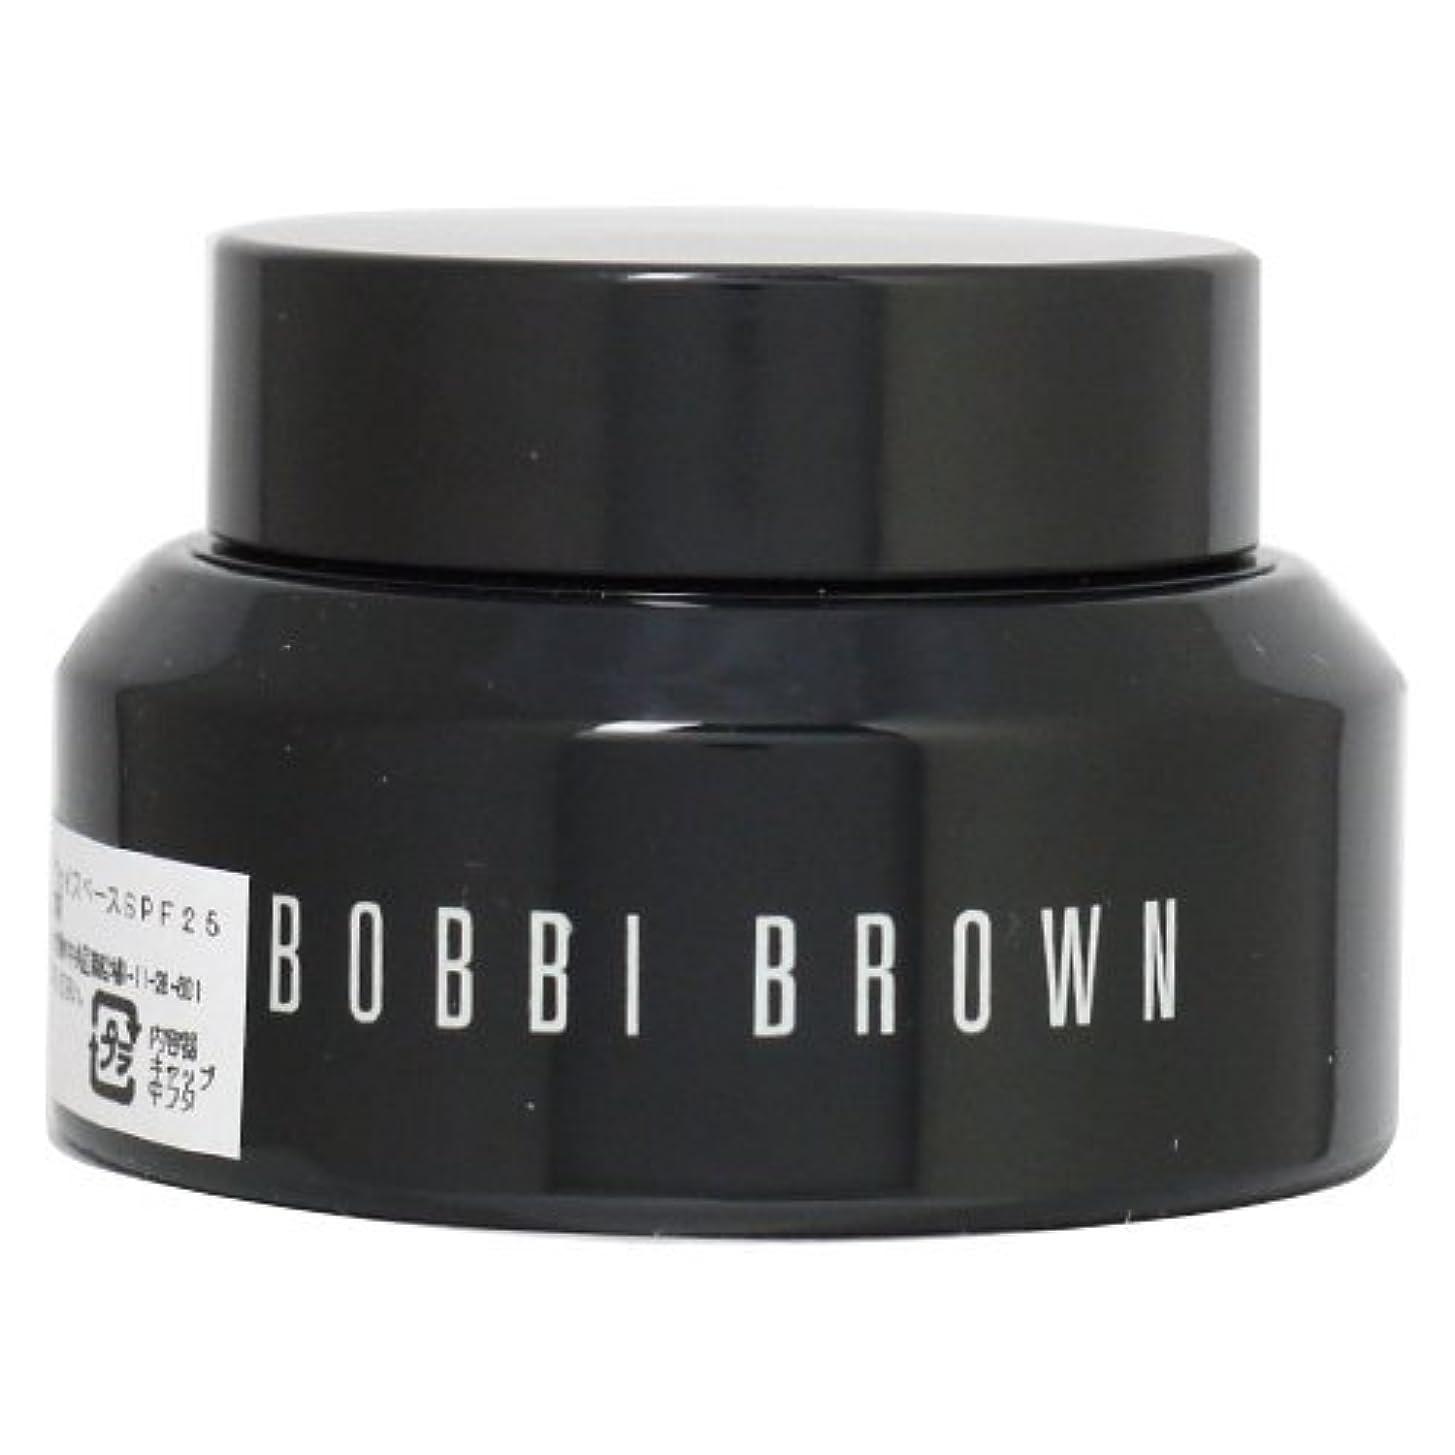 分泌する噛む税金ボビーブラウン(BOBBI BROWN) イルミネイティング フェイスベース 30ml[並行輸入品]